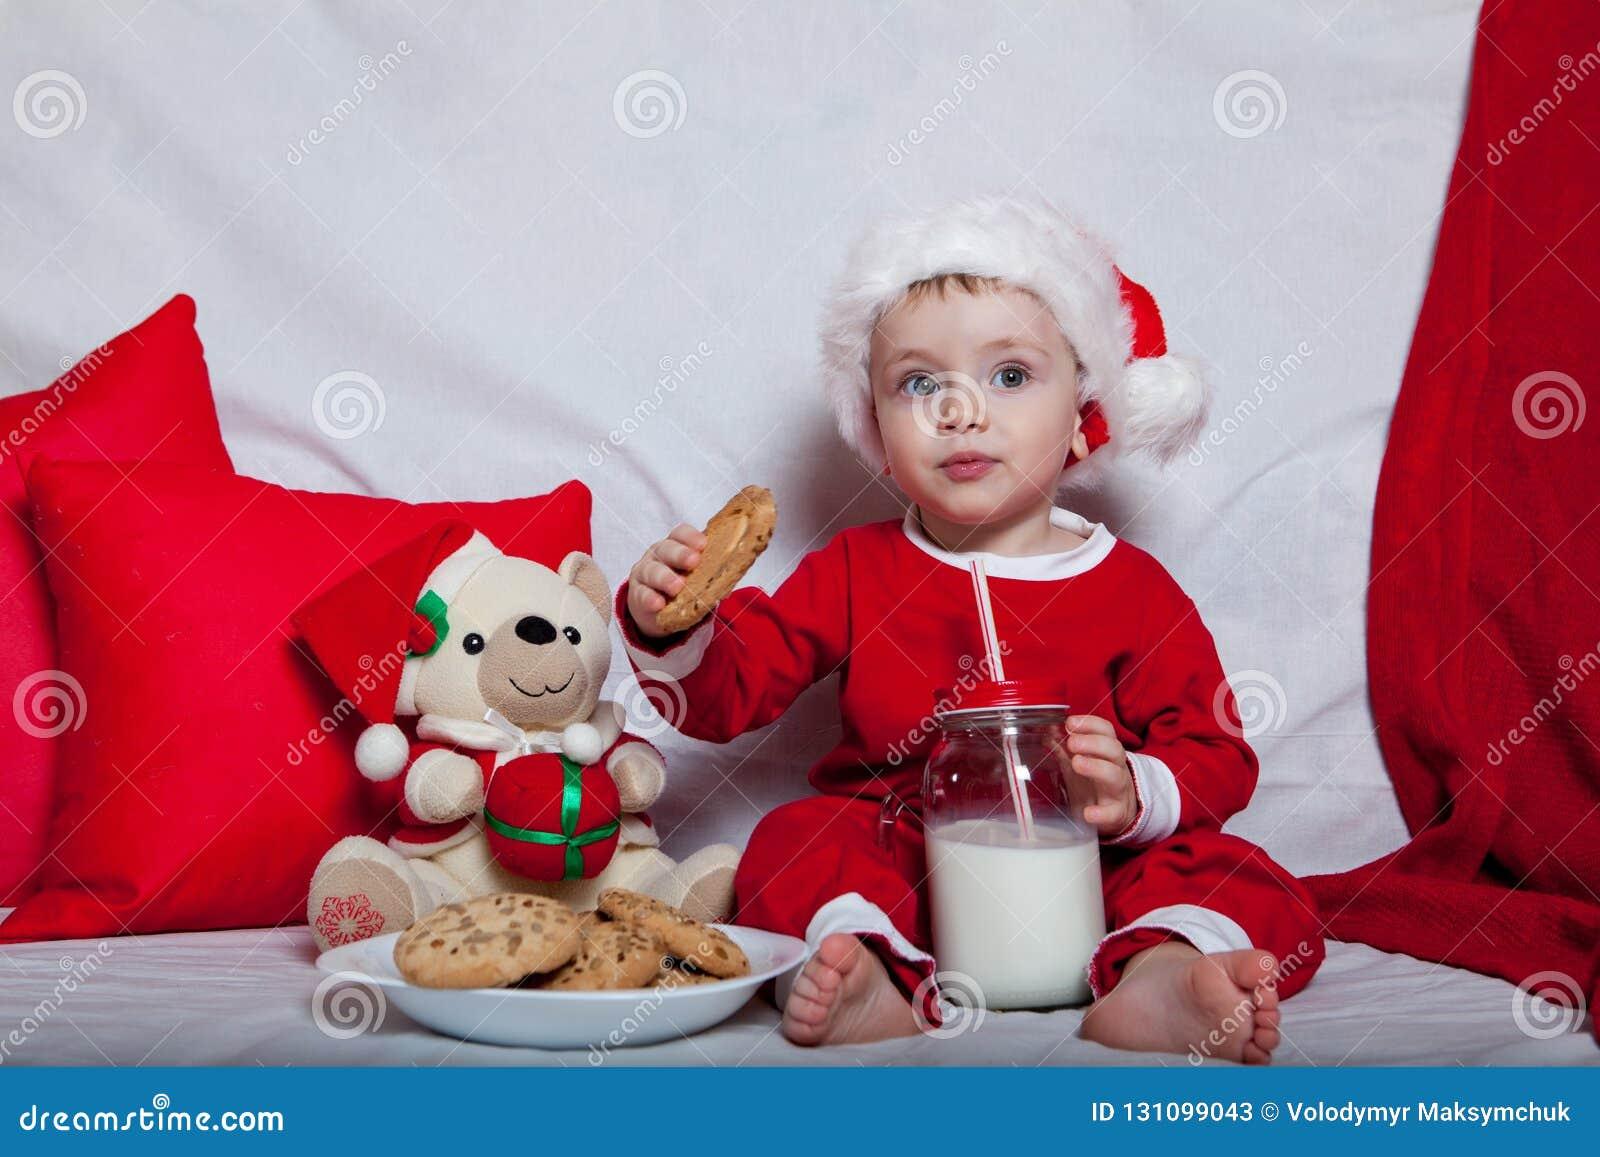 Маленький ребенок в красной крышке ест печенья и молоко Фотография рождества младенца в красной крышке Праздники и рождество Ново